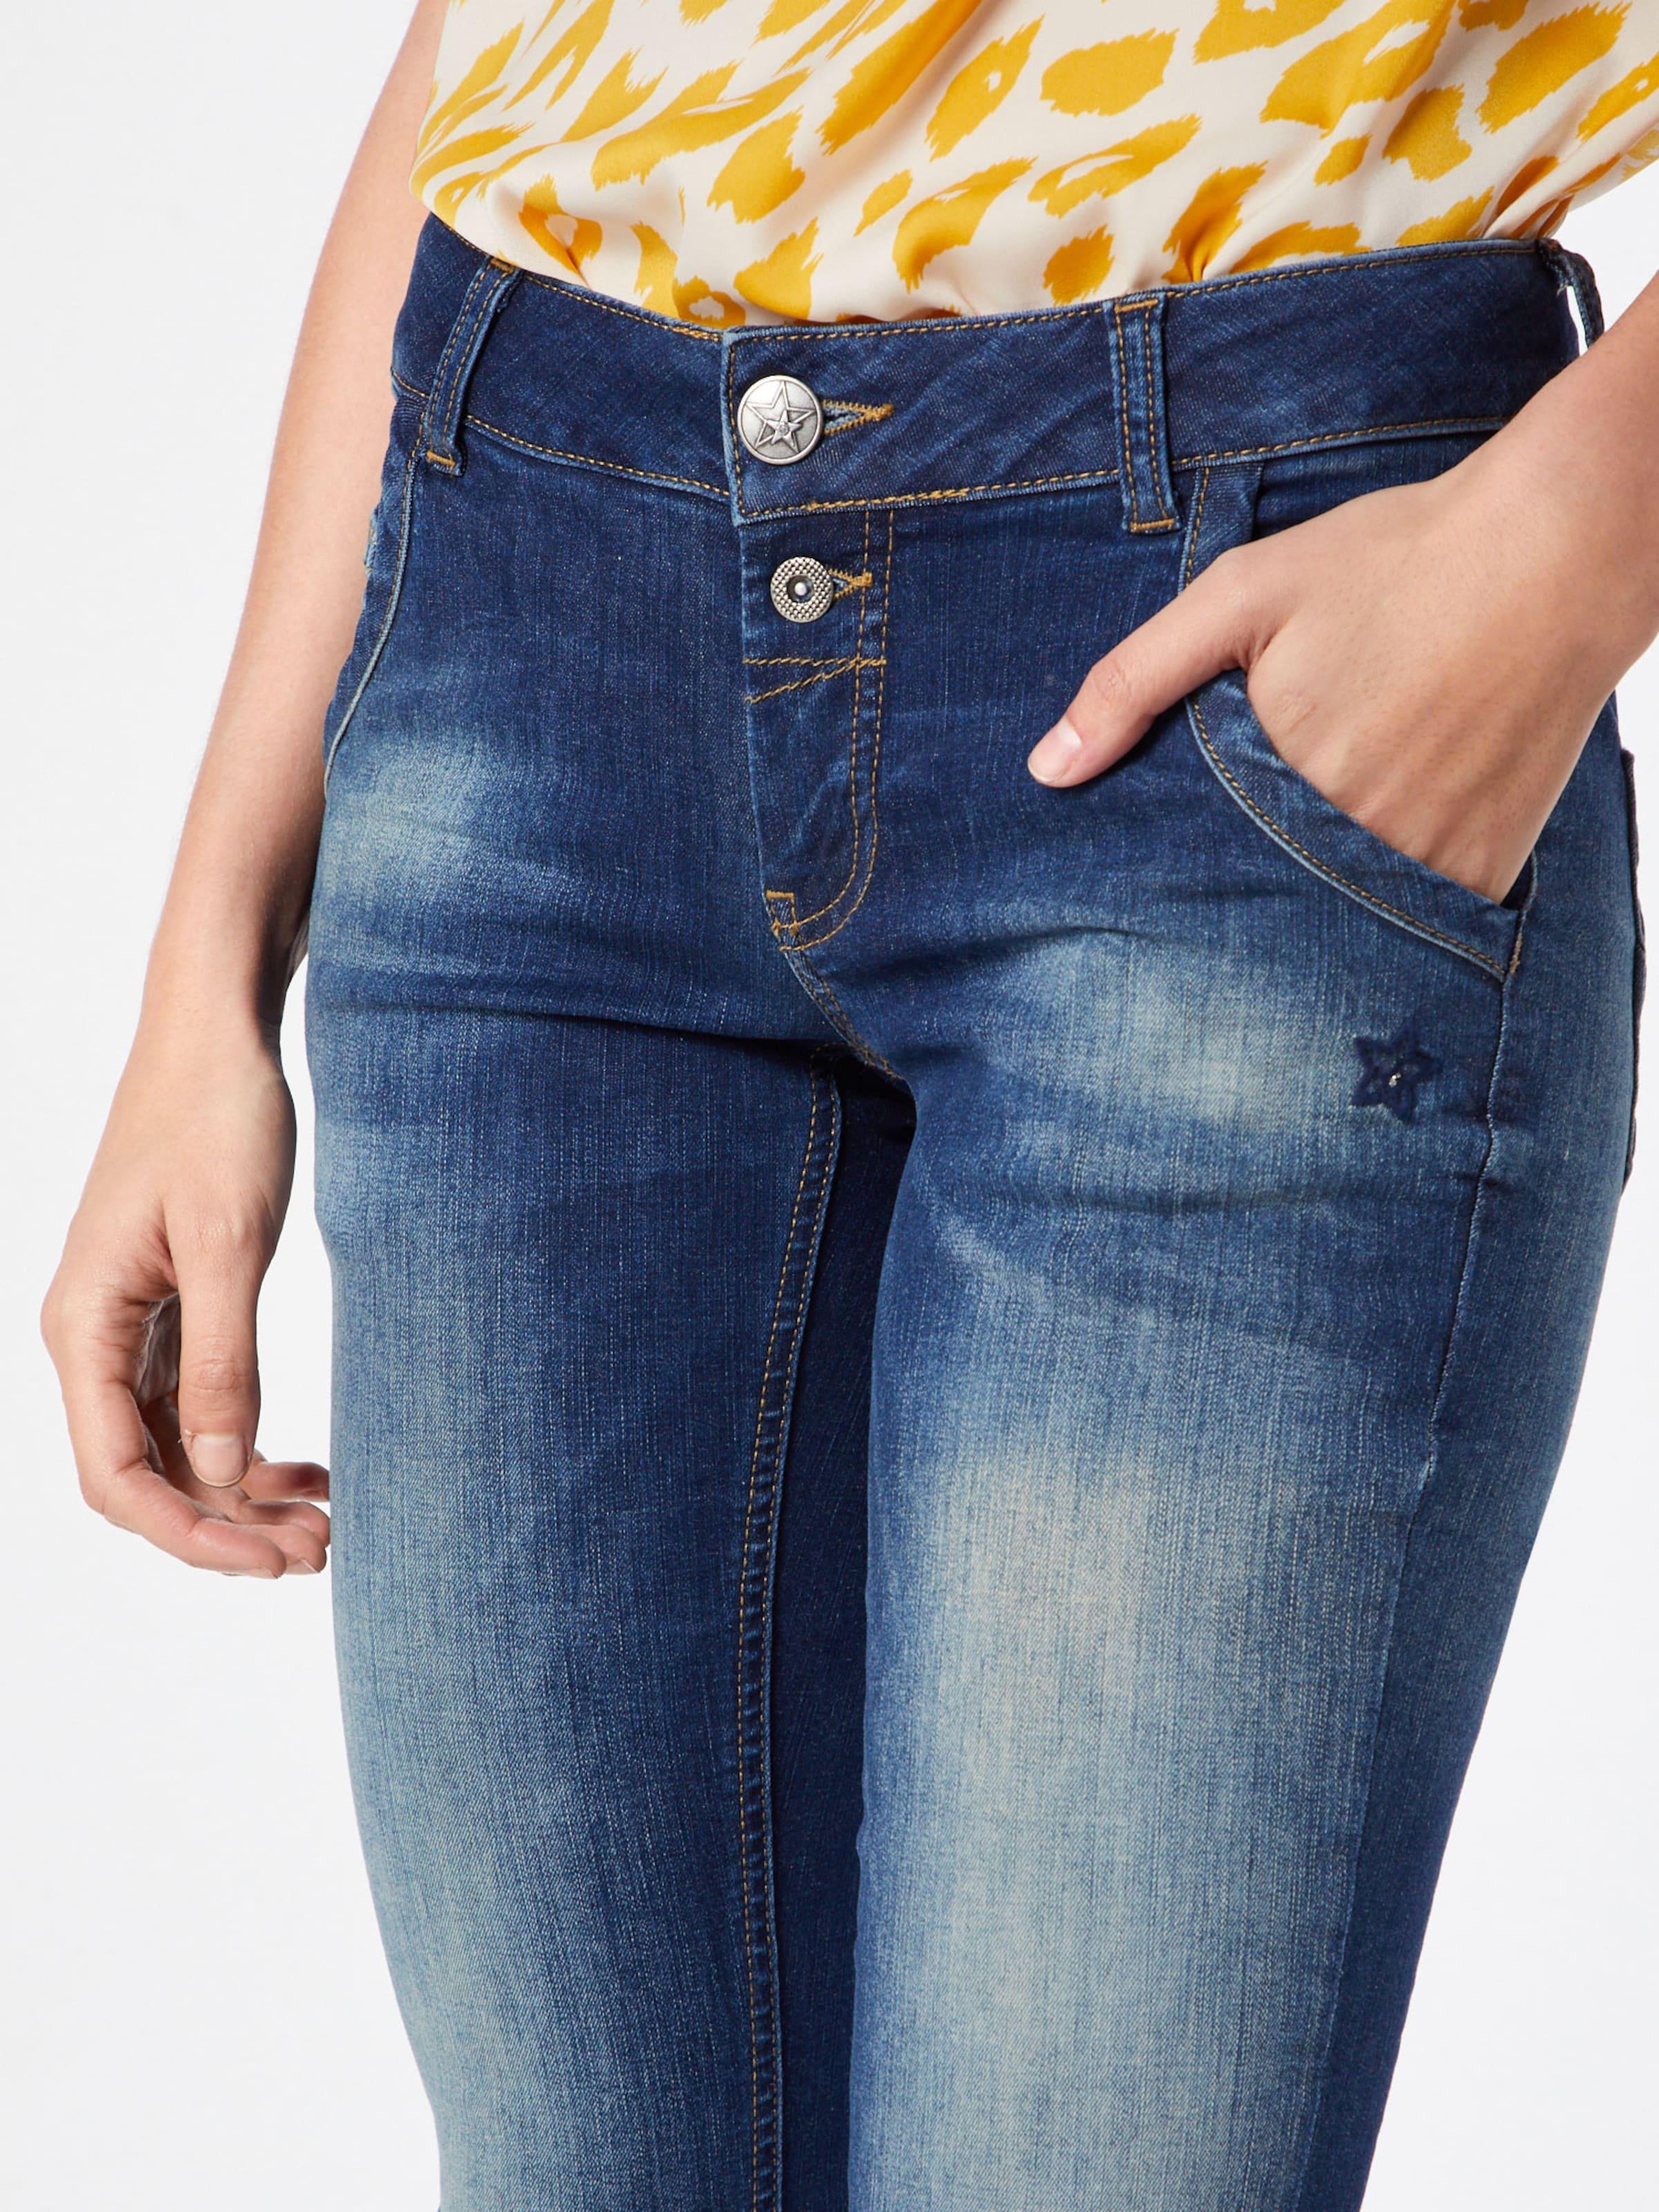 Glücksstern Jeans 'Pia' in Blau denim    Markenkleidung für Männer und Frauen c795c7